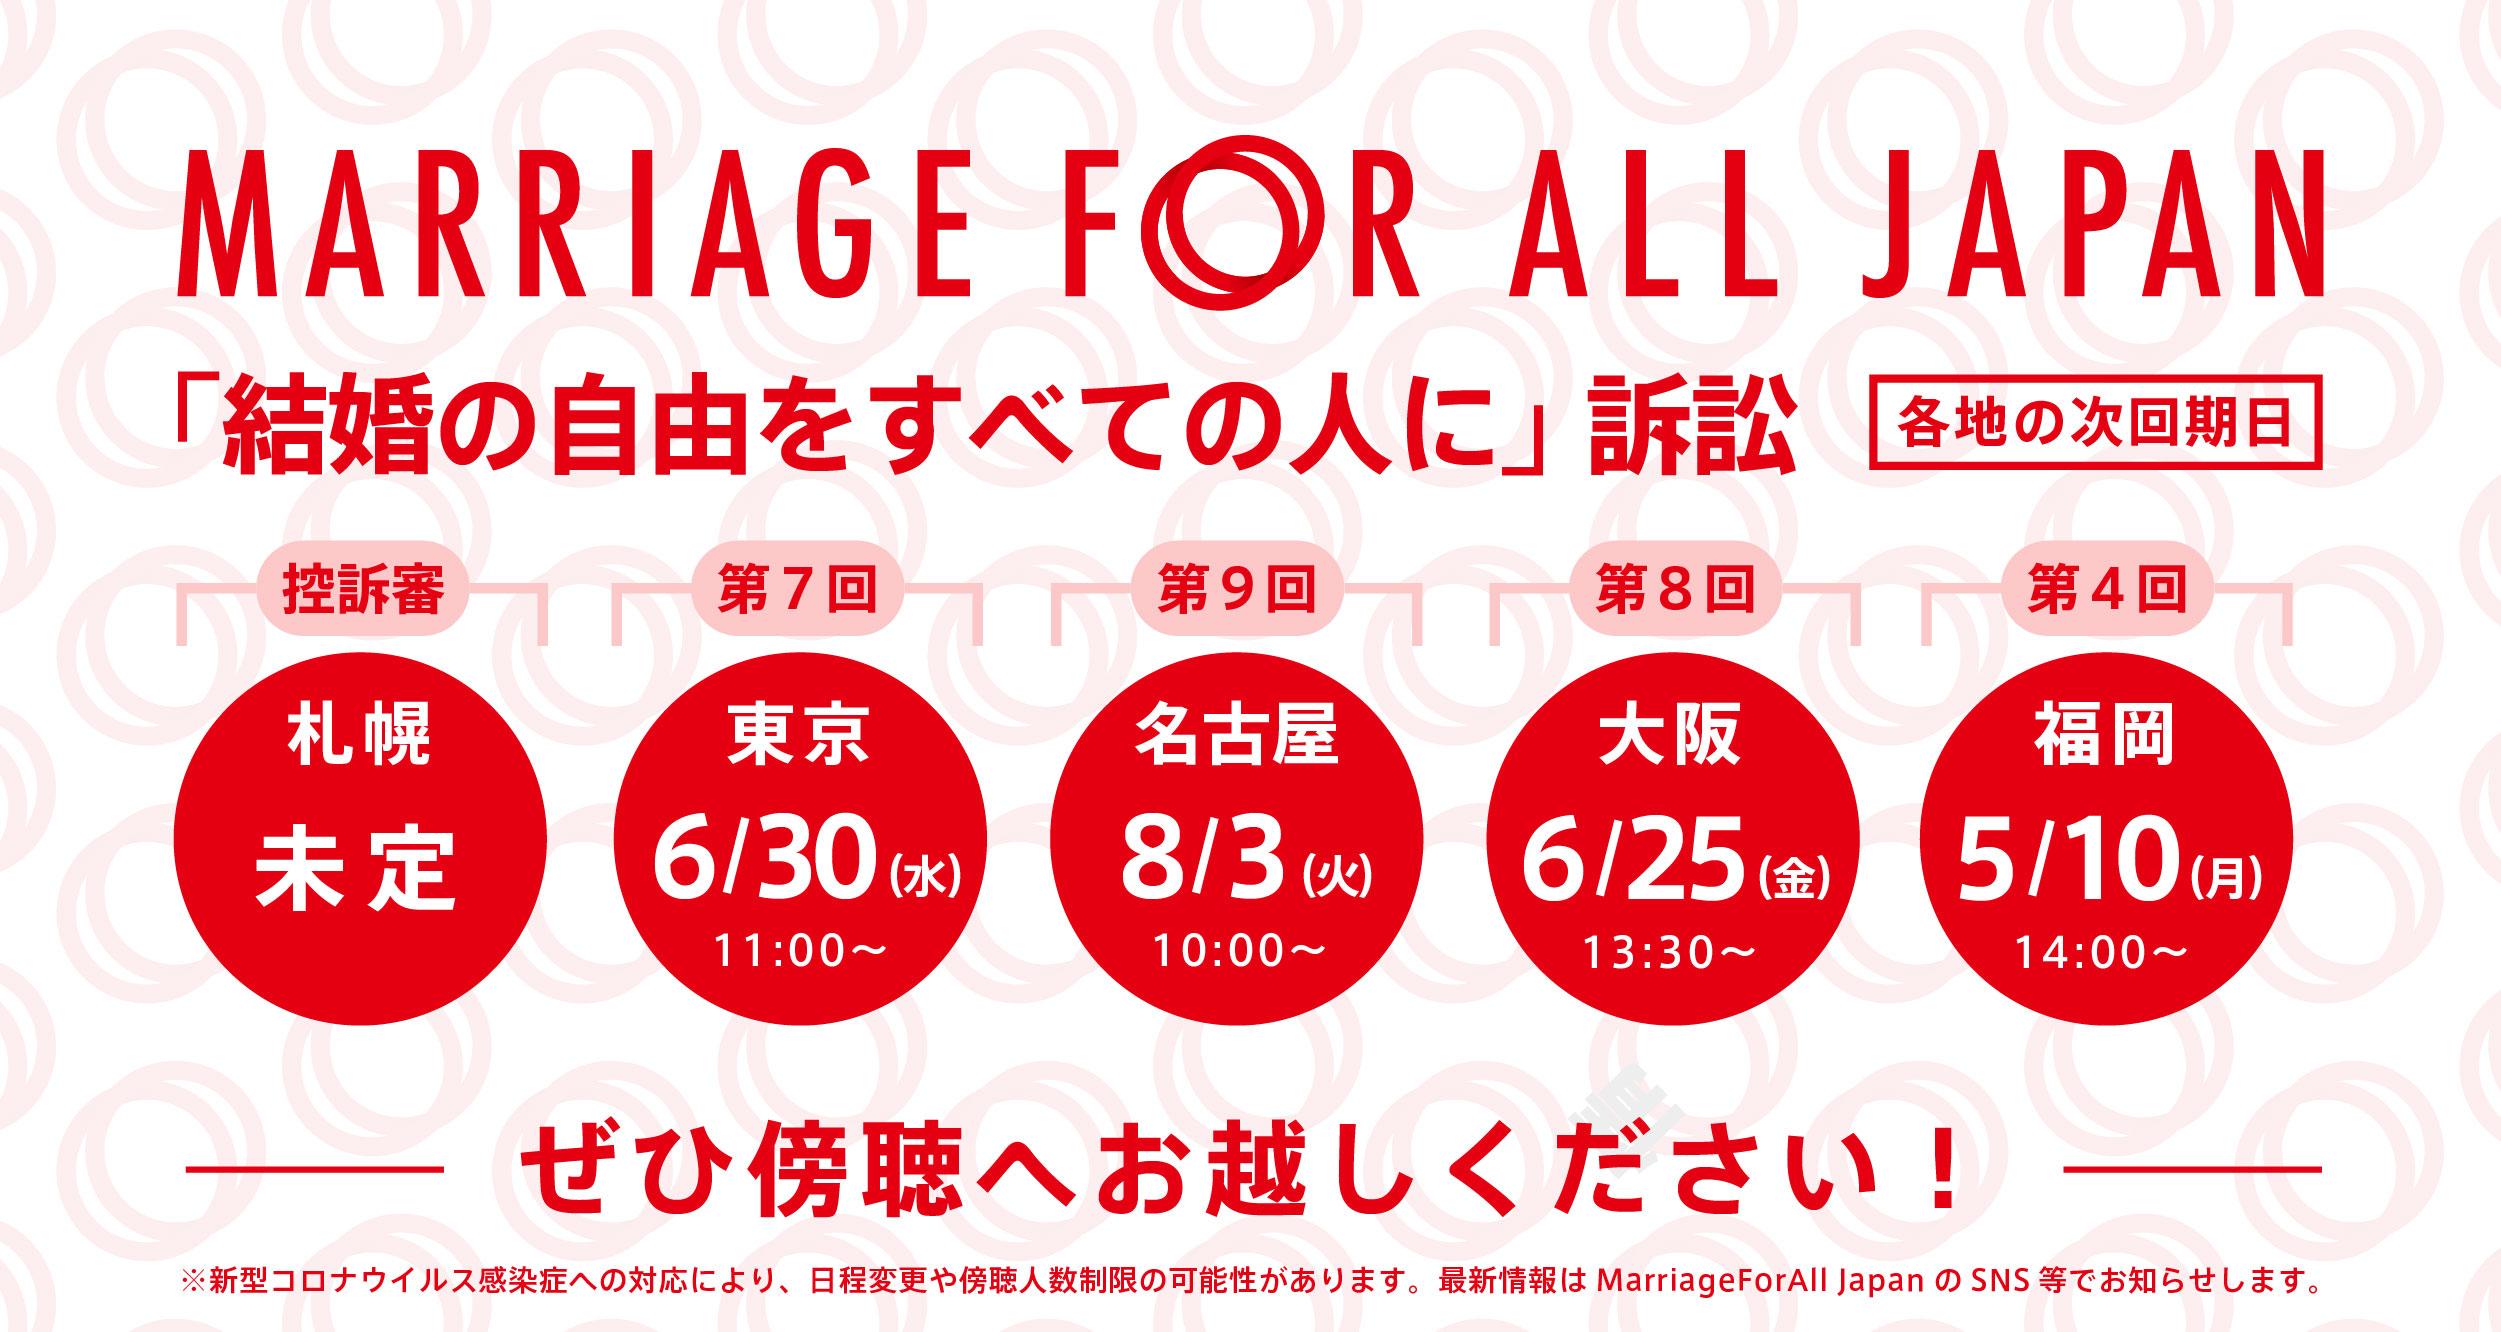 Marriage For All Japan 「結婚の自由をすべての人に」訴訟 札幌 控訴審 未定 第7回 東京 6月30日 水曜日 11時~  第9回 名古屋 8月3日 火曜日 10時~ 第8回 大阪 6月25日 金曜日 13時半~ 第4回 福岡 5月10日 月曜日 14時~ ぜひ傍聴へお越しください! ※新型コロナウイルス感染症への対応により、日程変更や傍聴人数制限の可能性があります。最新情報はMarriage For All Japan のSNS等でお知らせします。